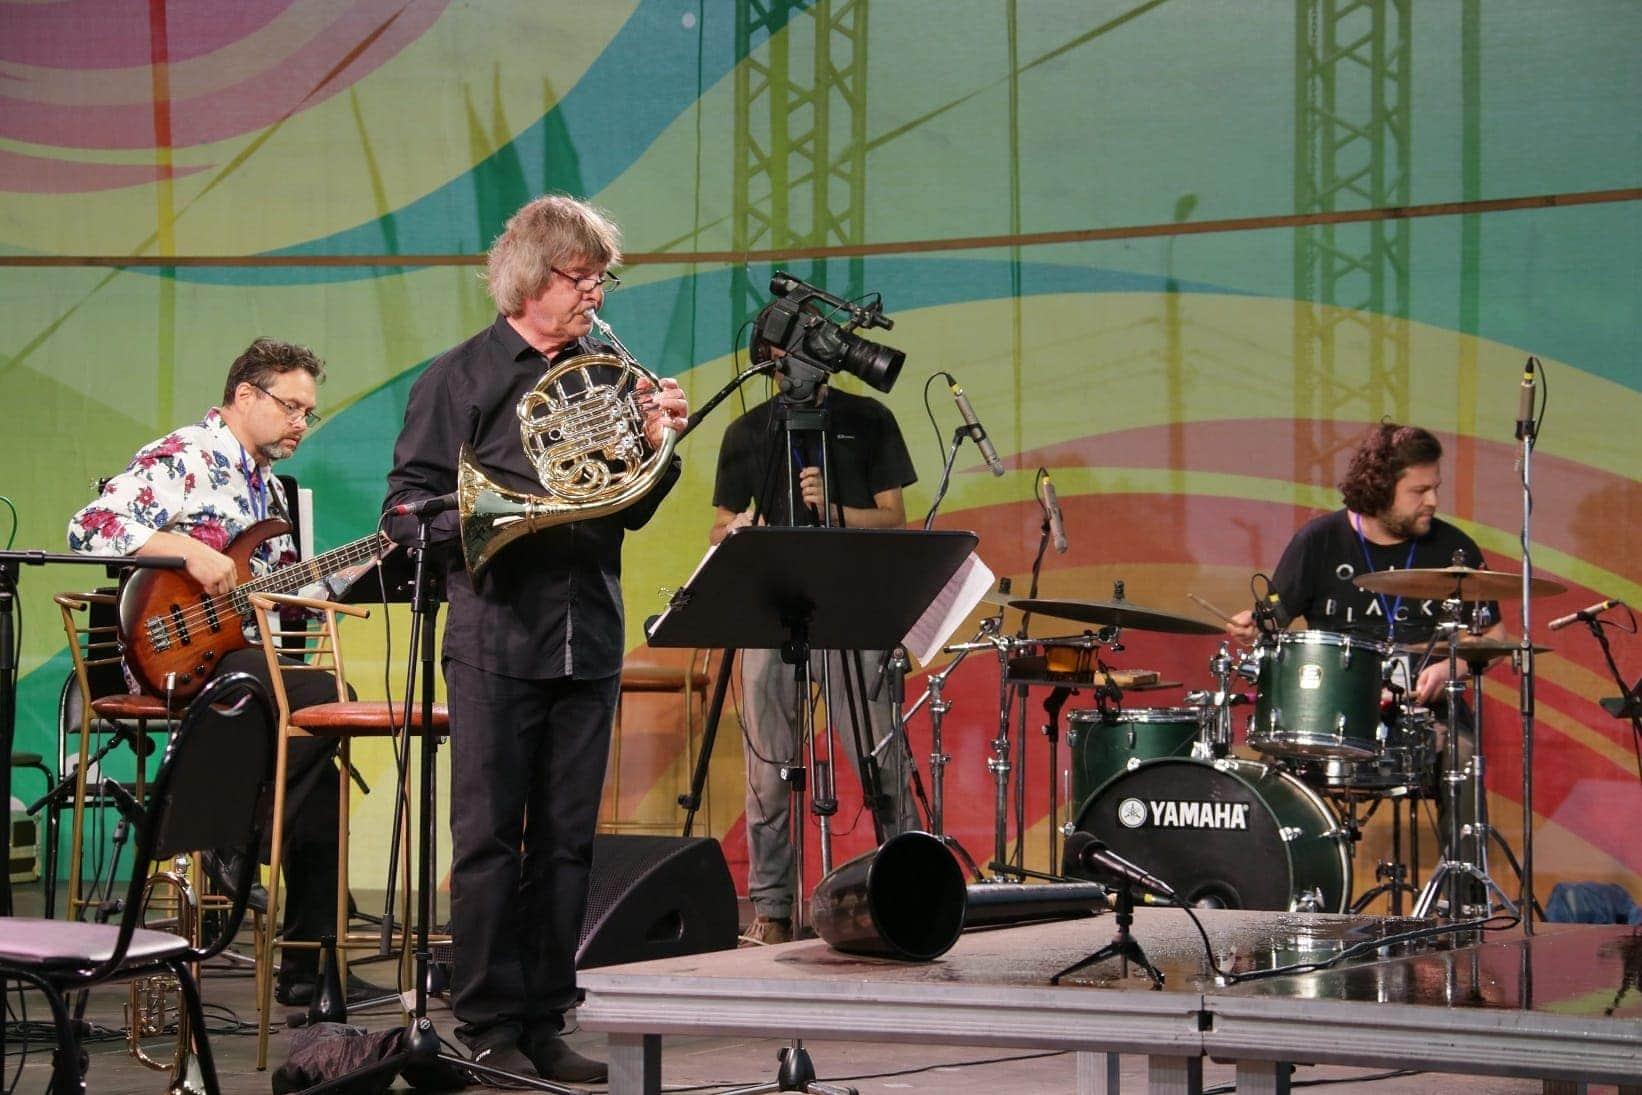 Антон Горбунов (бас-гитара), Пётр Ившин (ударные инструменты) и Аркадий Шилклопер. 12 июля 2019. Елабуга